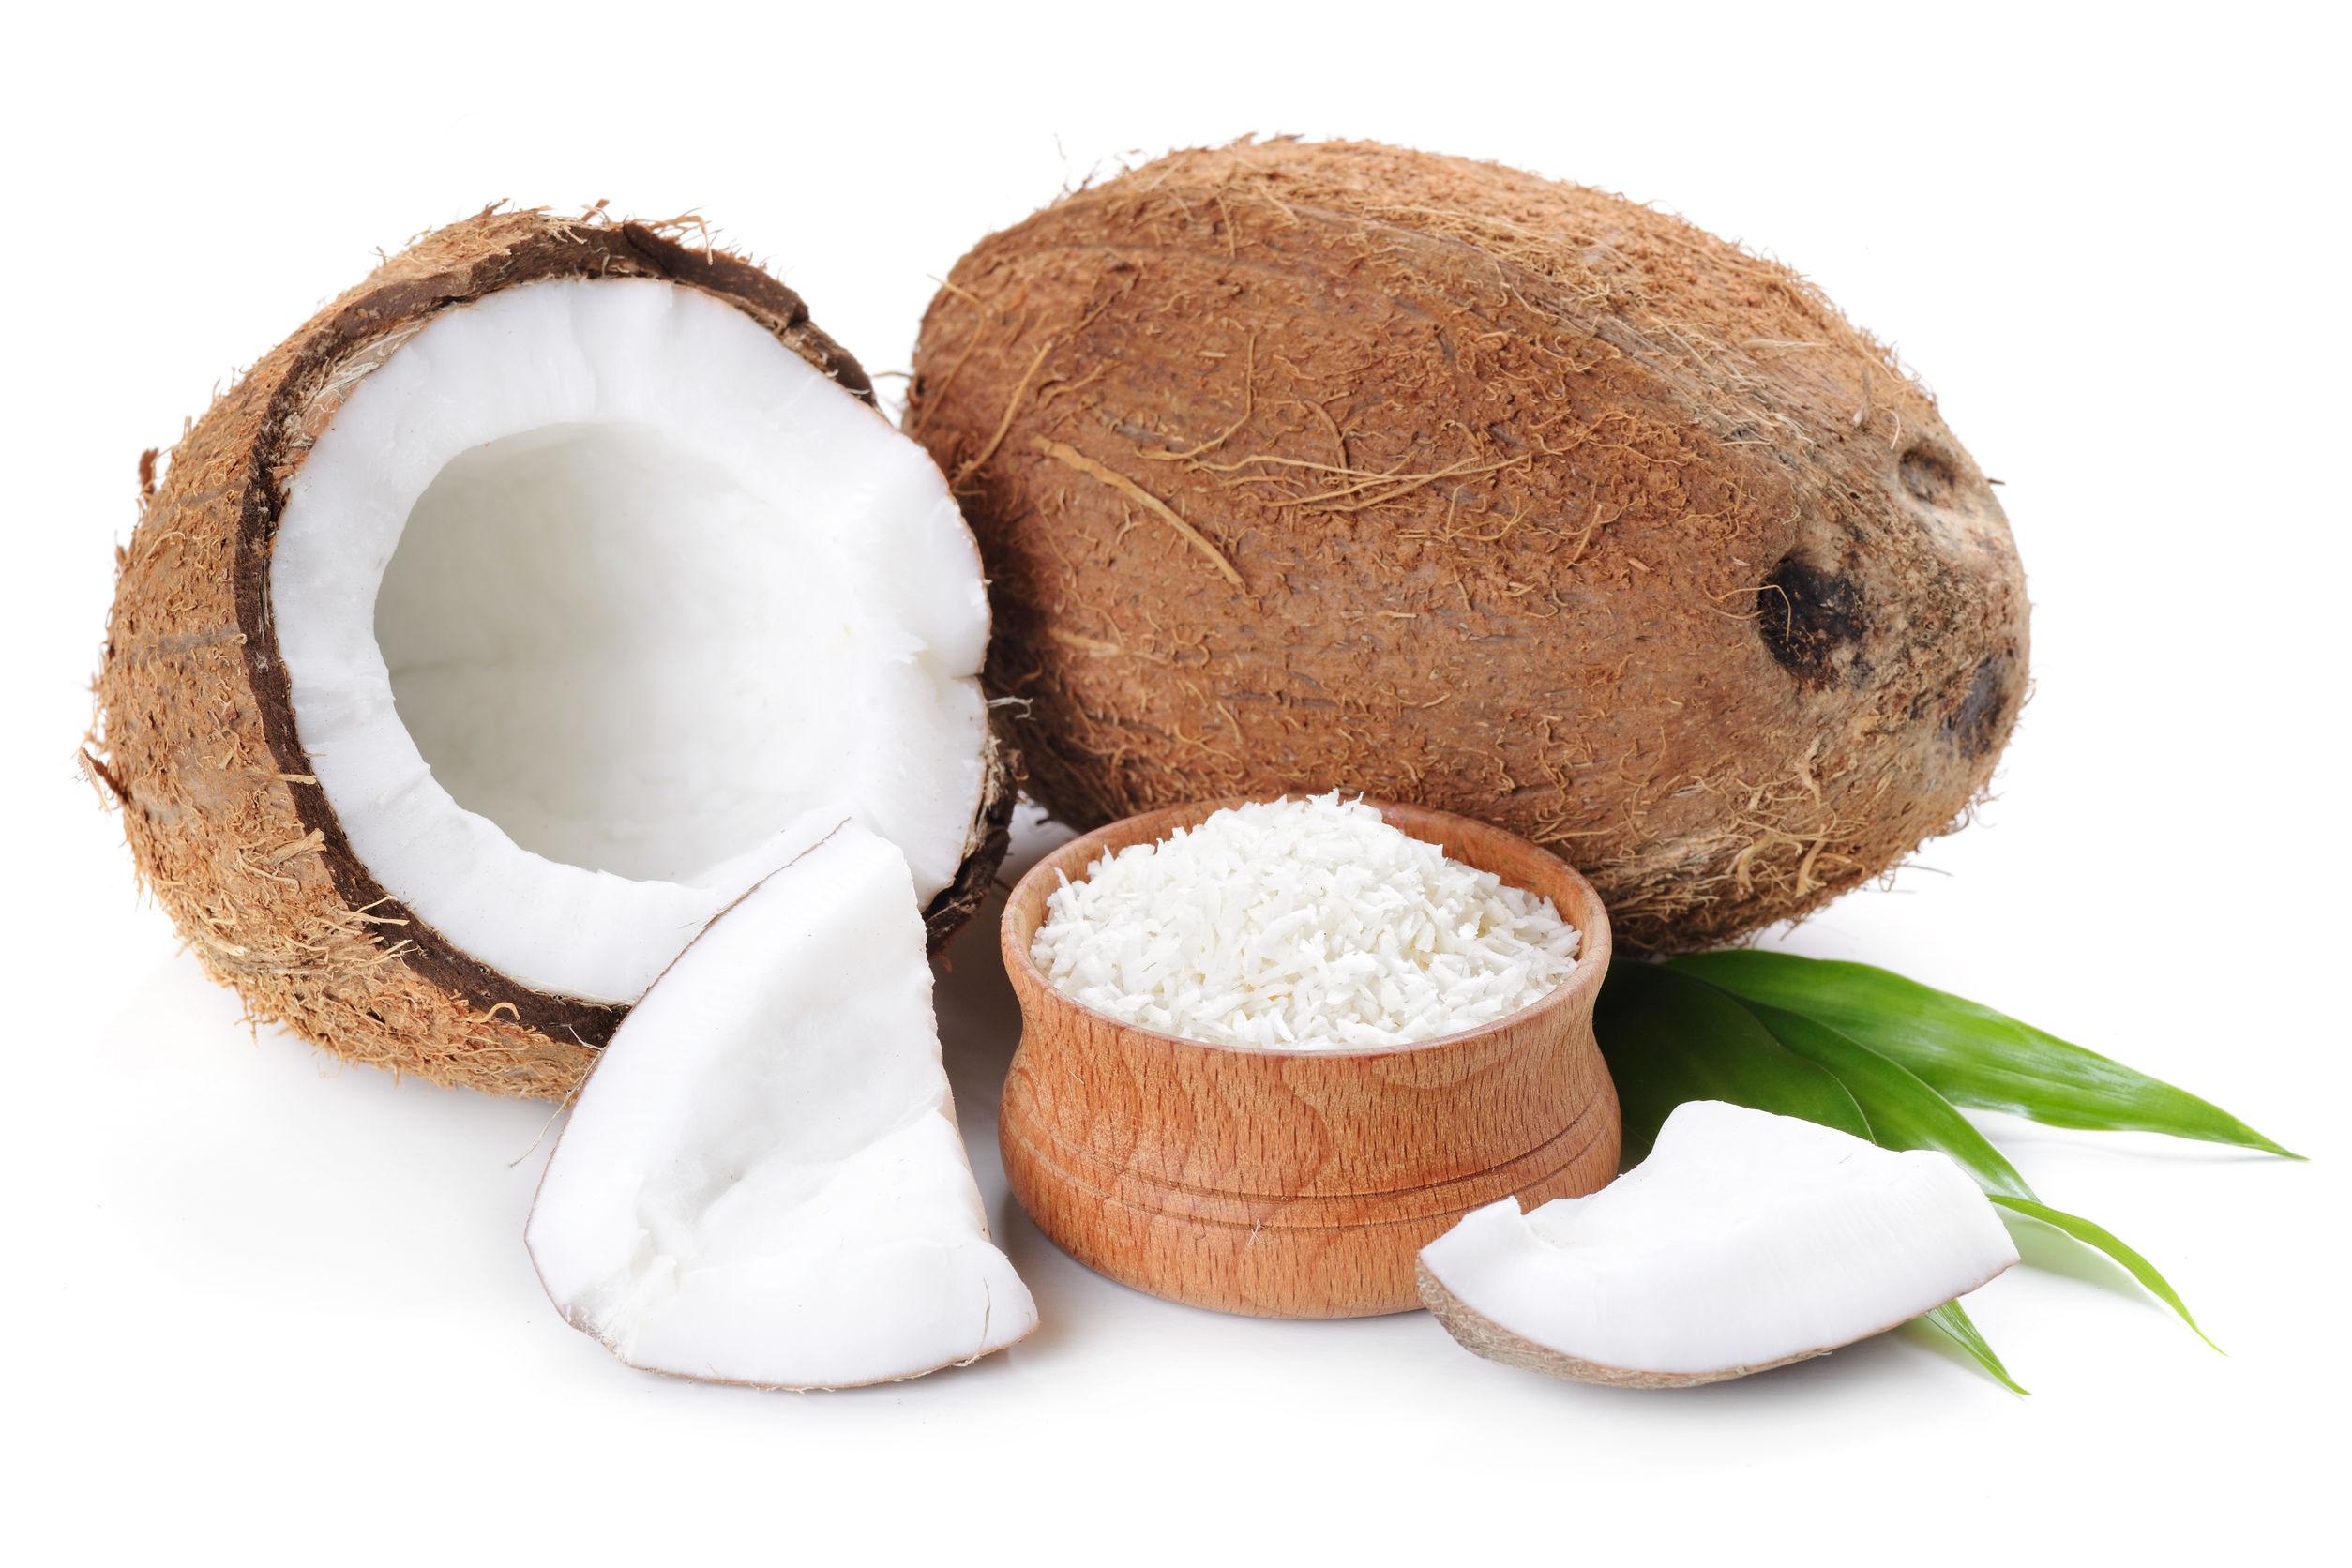 Kokosraspeln-Wiegen_Dosieren_Verpacken